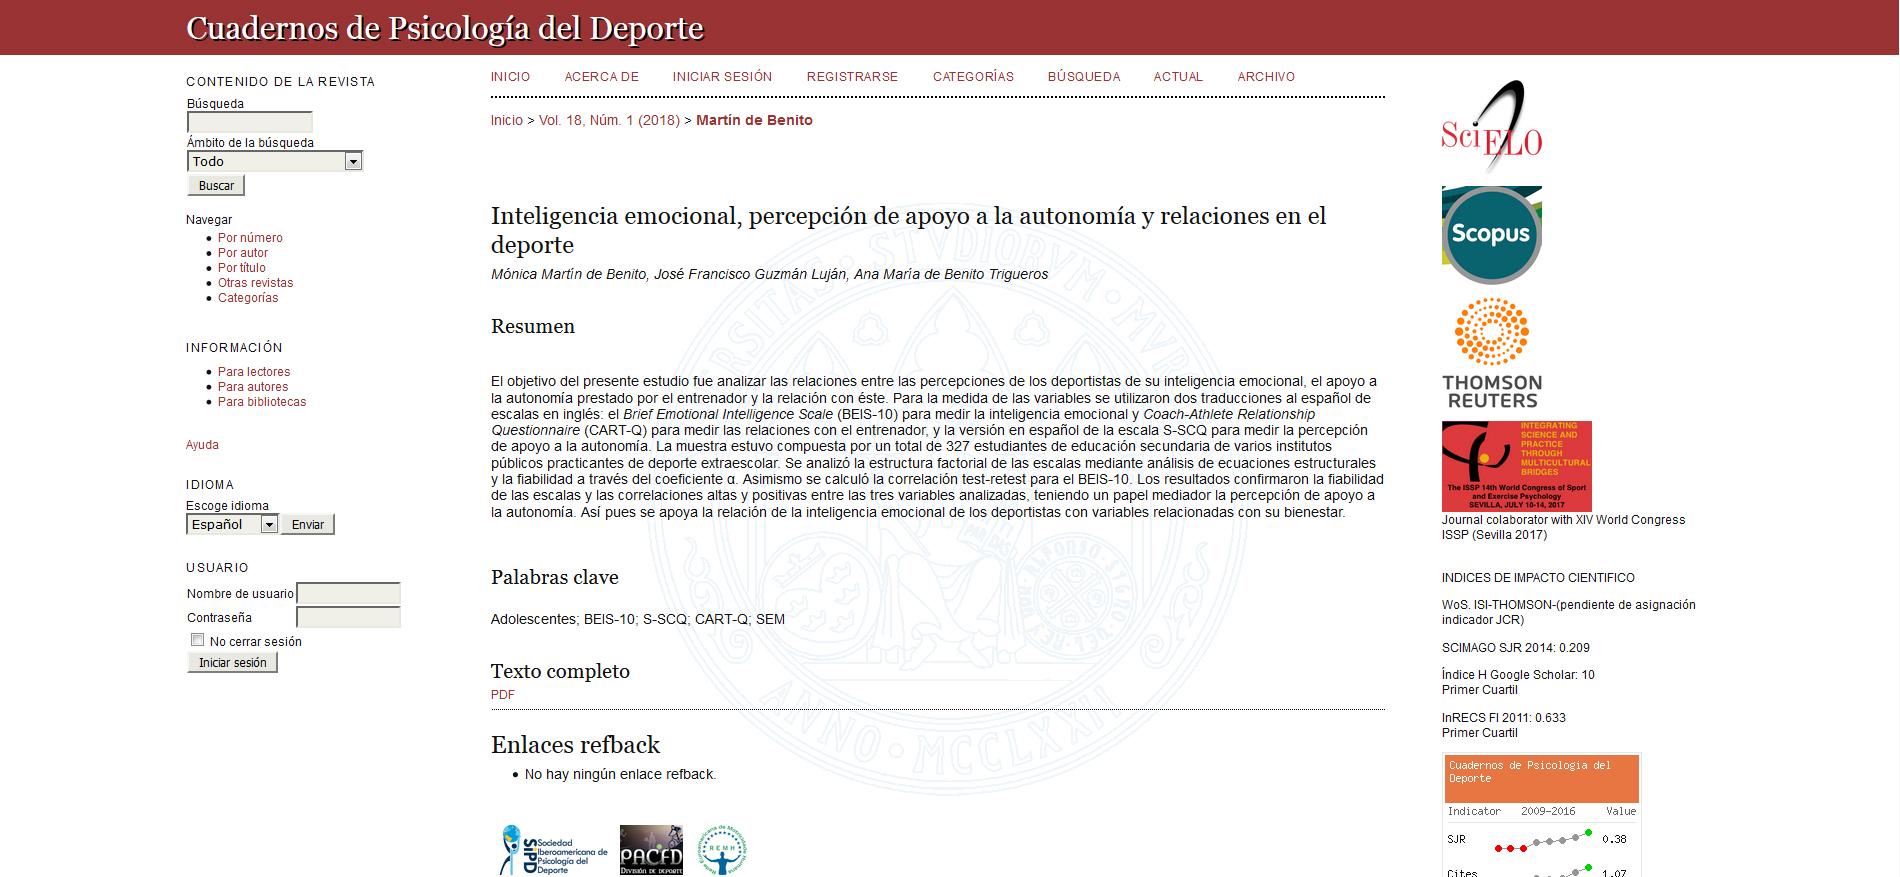 CuadernosPsicologia18_1